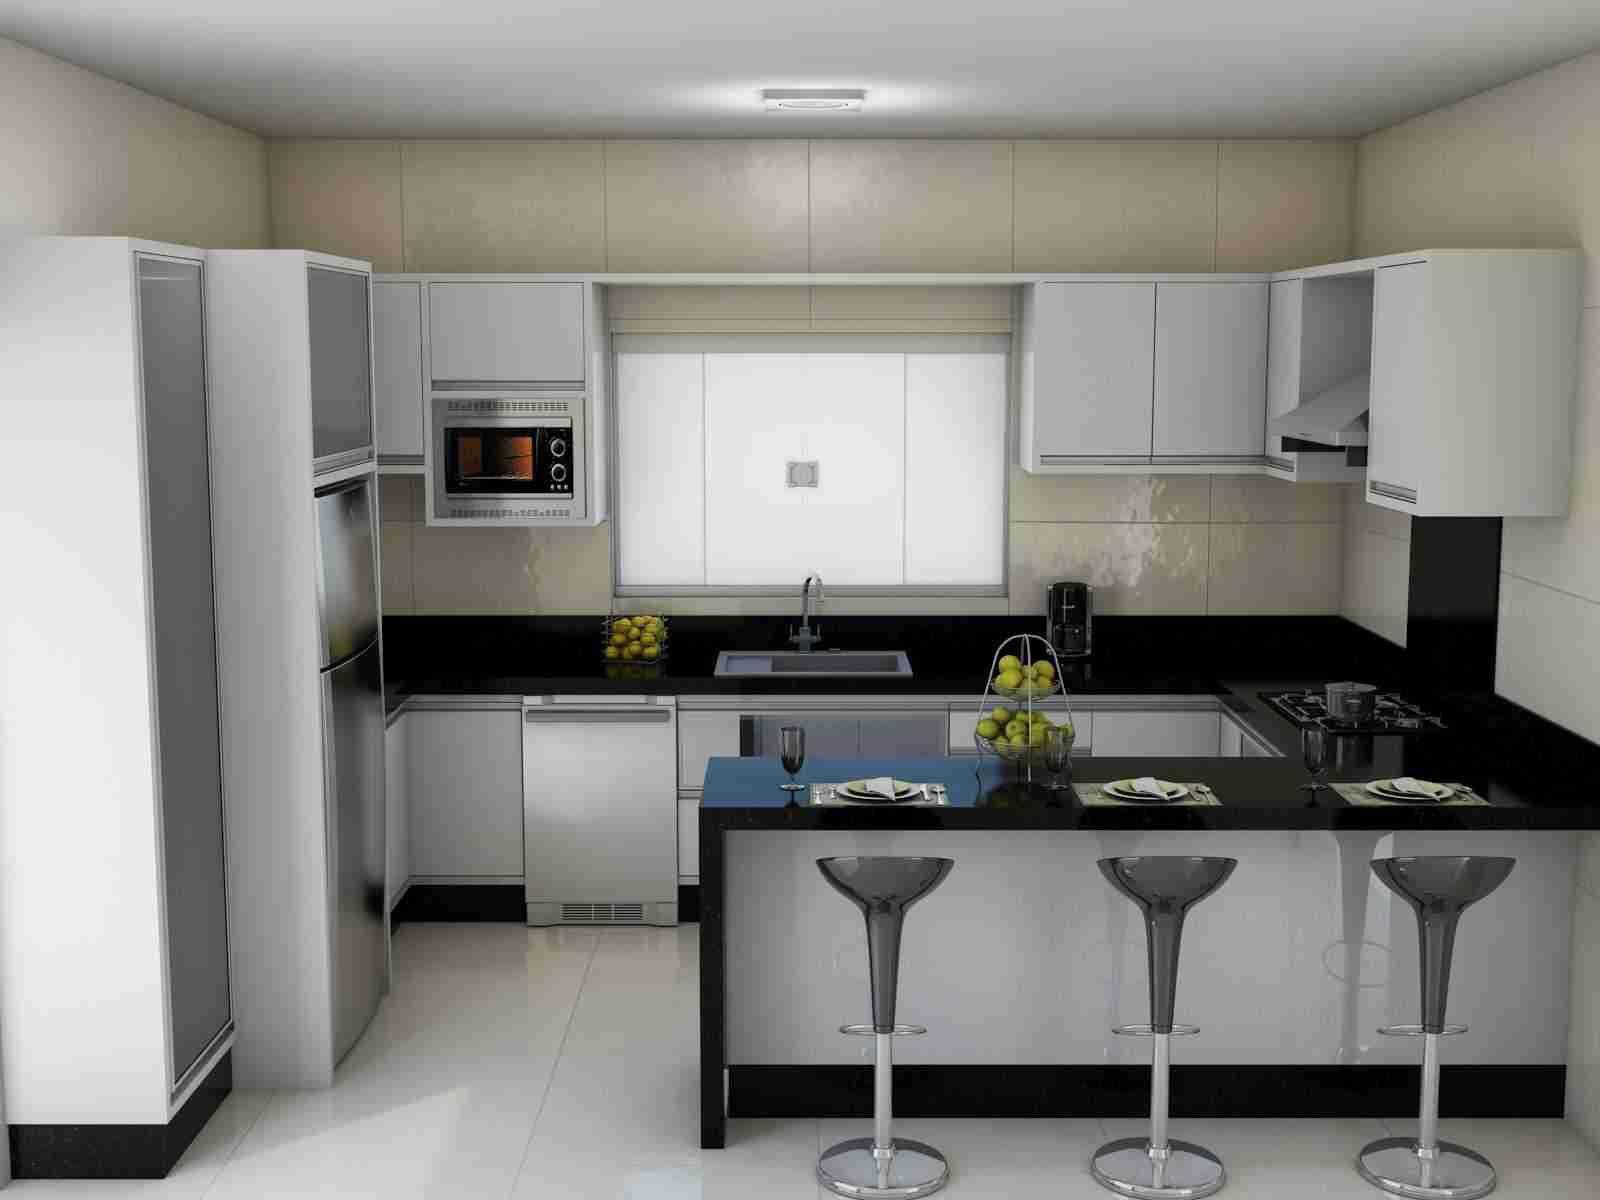 Modelos de cozinhas 4 pictures to pin on pinterest - Fotos De Cozinhas